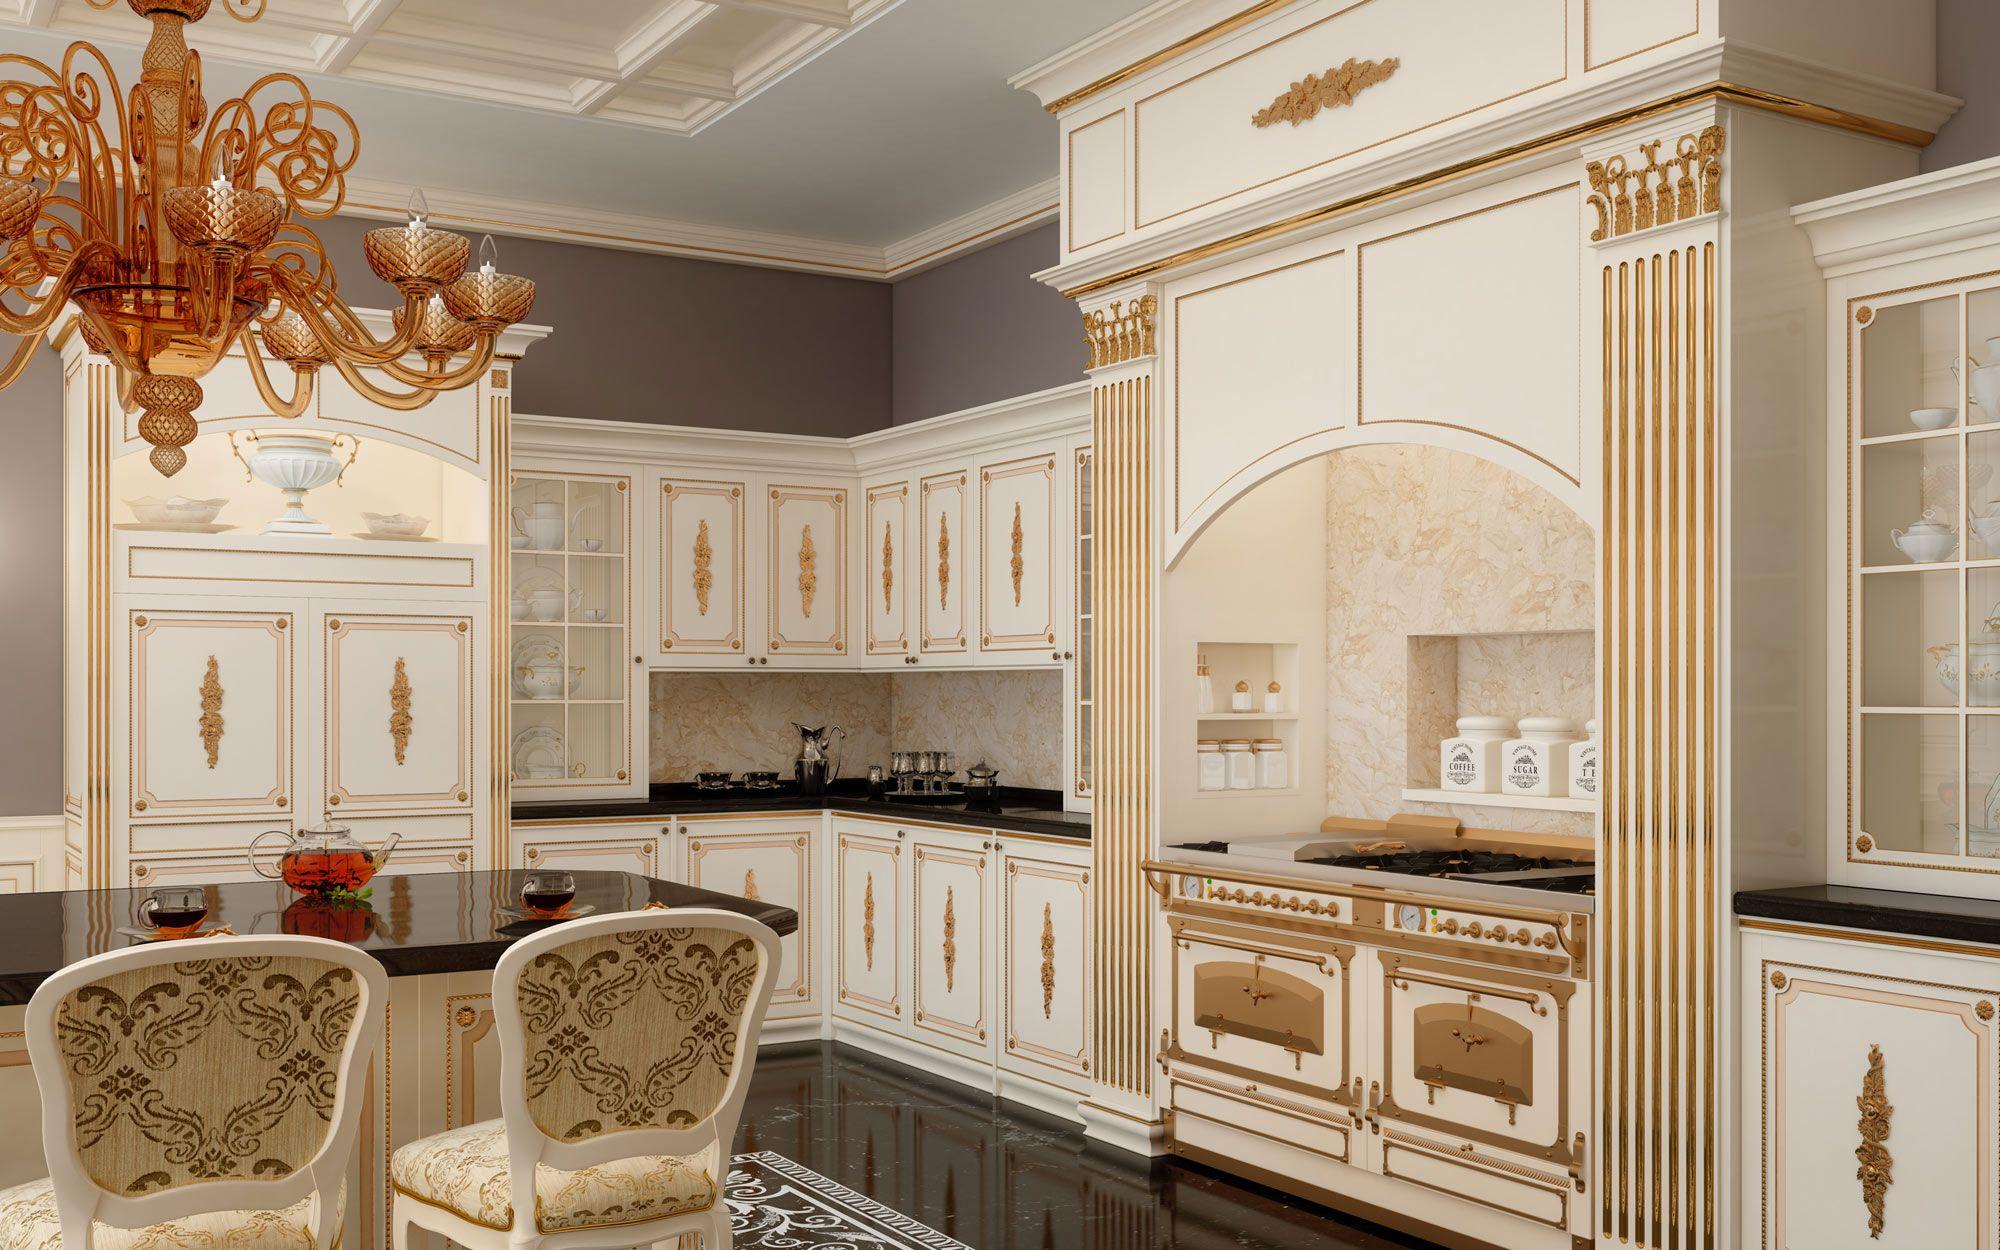 Cucine classiche su misura: modello Veruska | Luxury Classic ...